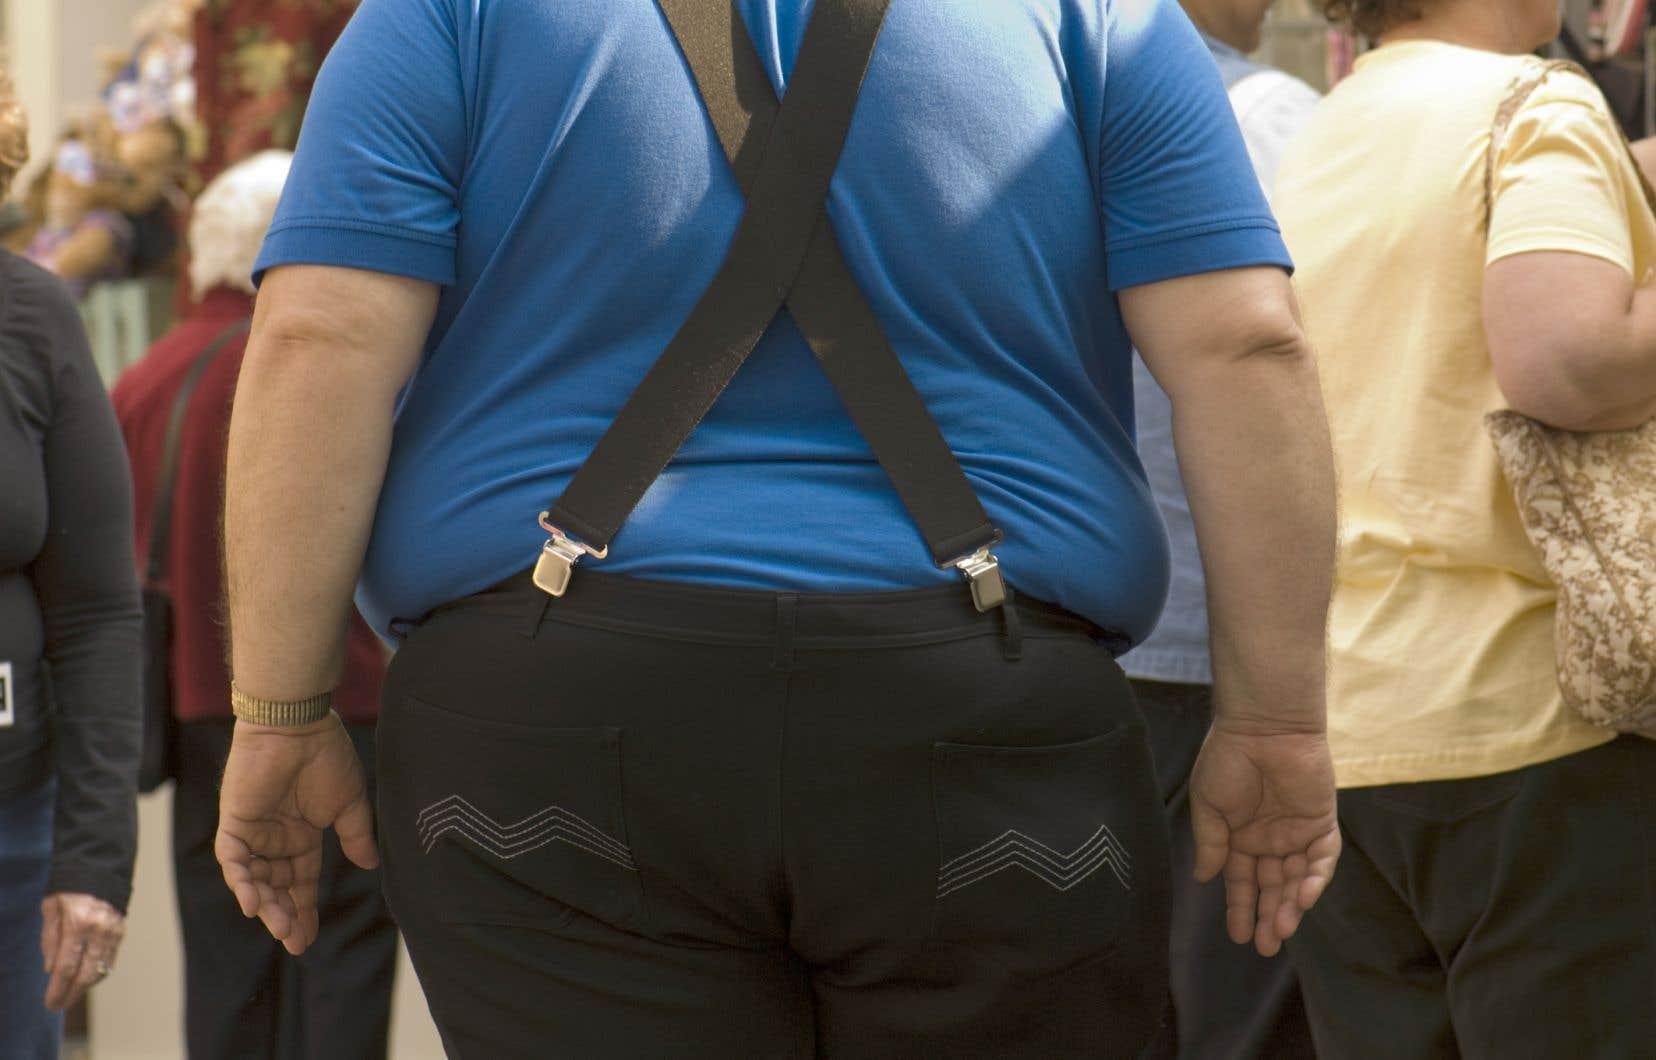 Une perte de poids durable peut être un objectif extrêmement difficile à atteindre, car le corps s'adapte afin de revenir au poids d'origine.